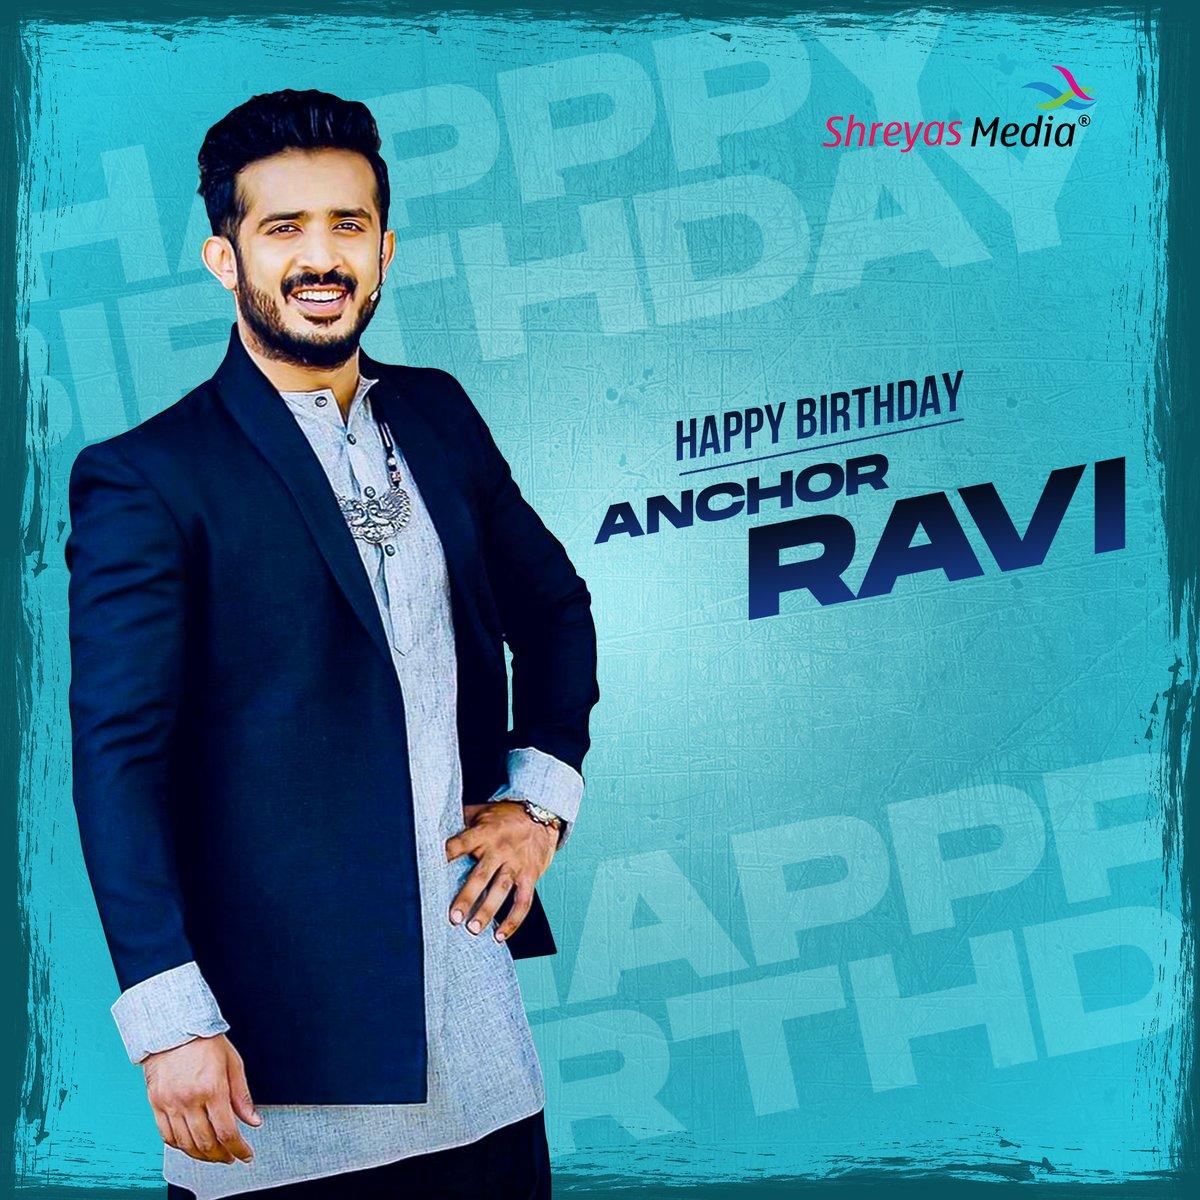 Happy Birthday to #AnchorRavi   @anchorravi_offl  #ShreyasMedia #ShreyasGroup https://t.co/uYbrYDDy7l